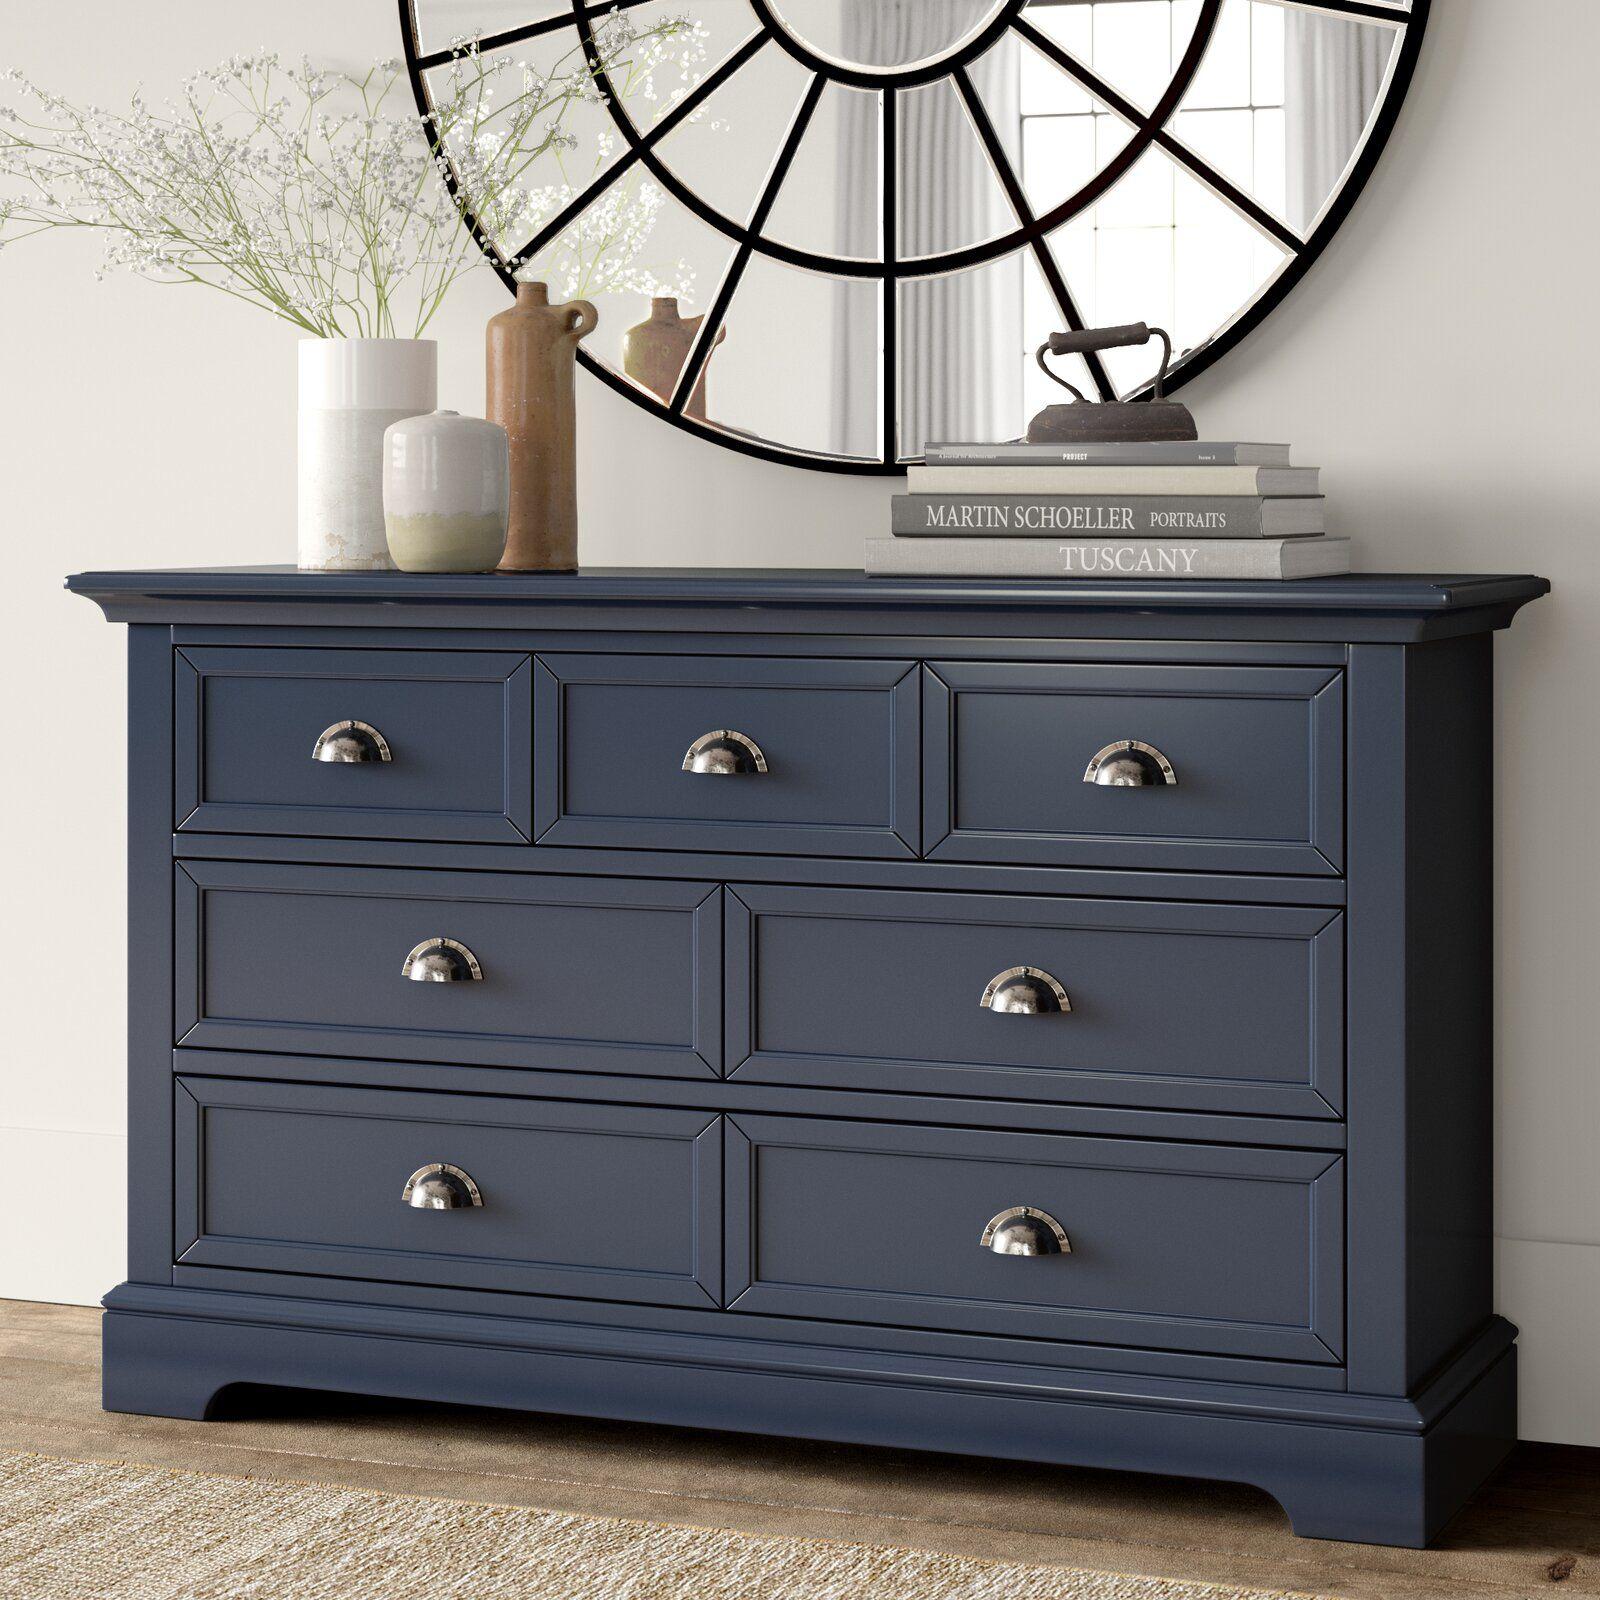 Greyleigh Appleby 7 Drawer Double Dresser Wayfair Furniture 7 Drawer Dresser Furniture Makeover [ 1600 x 1600 Pixel ]